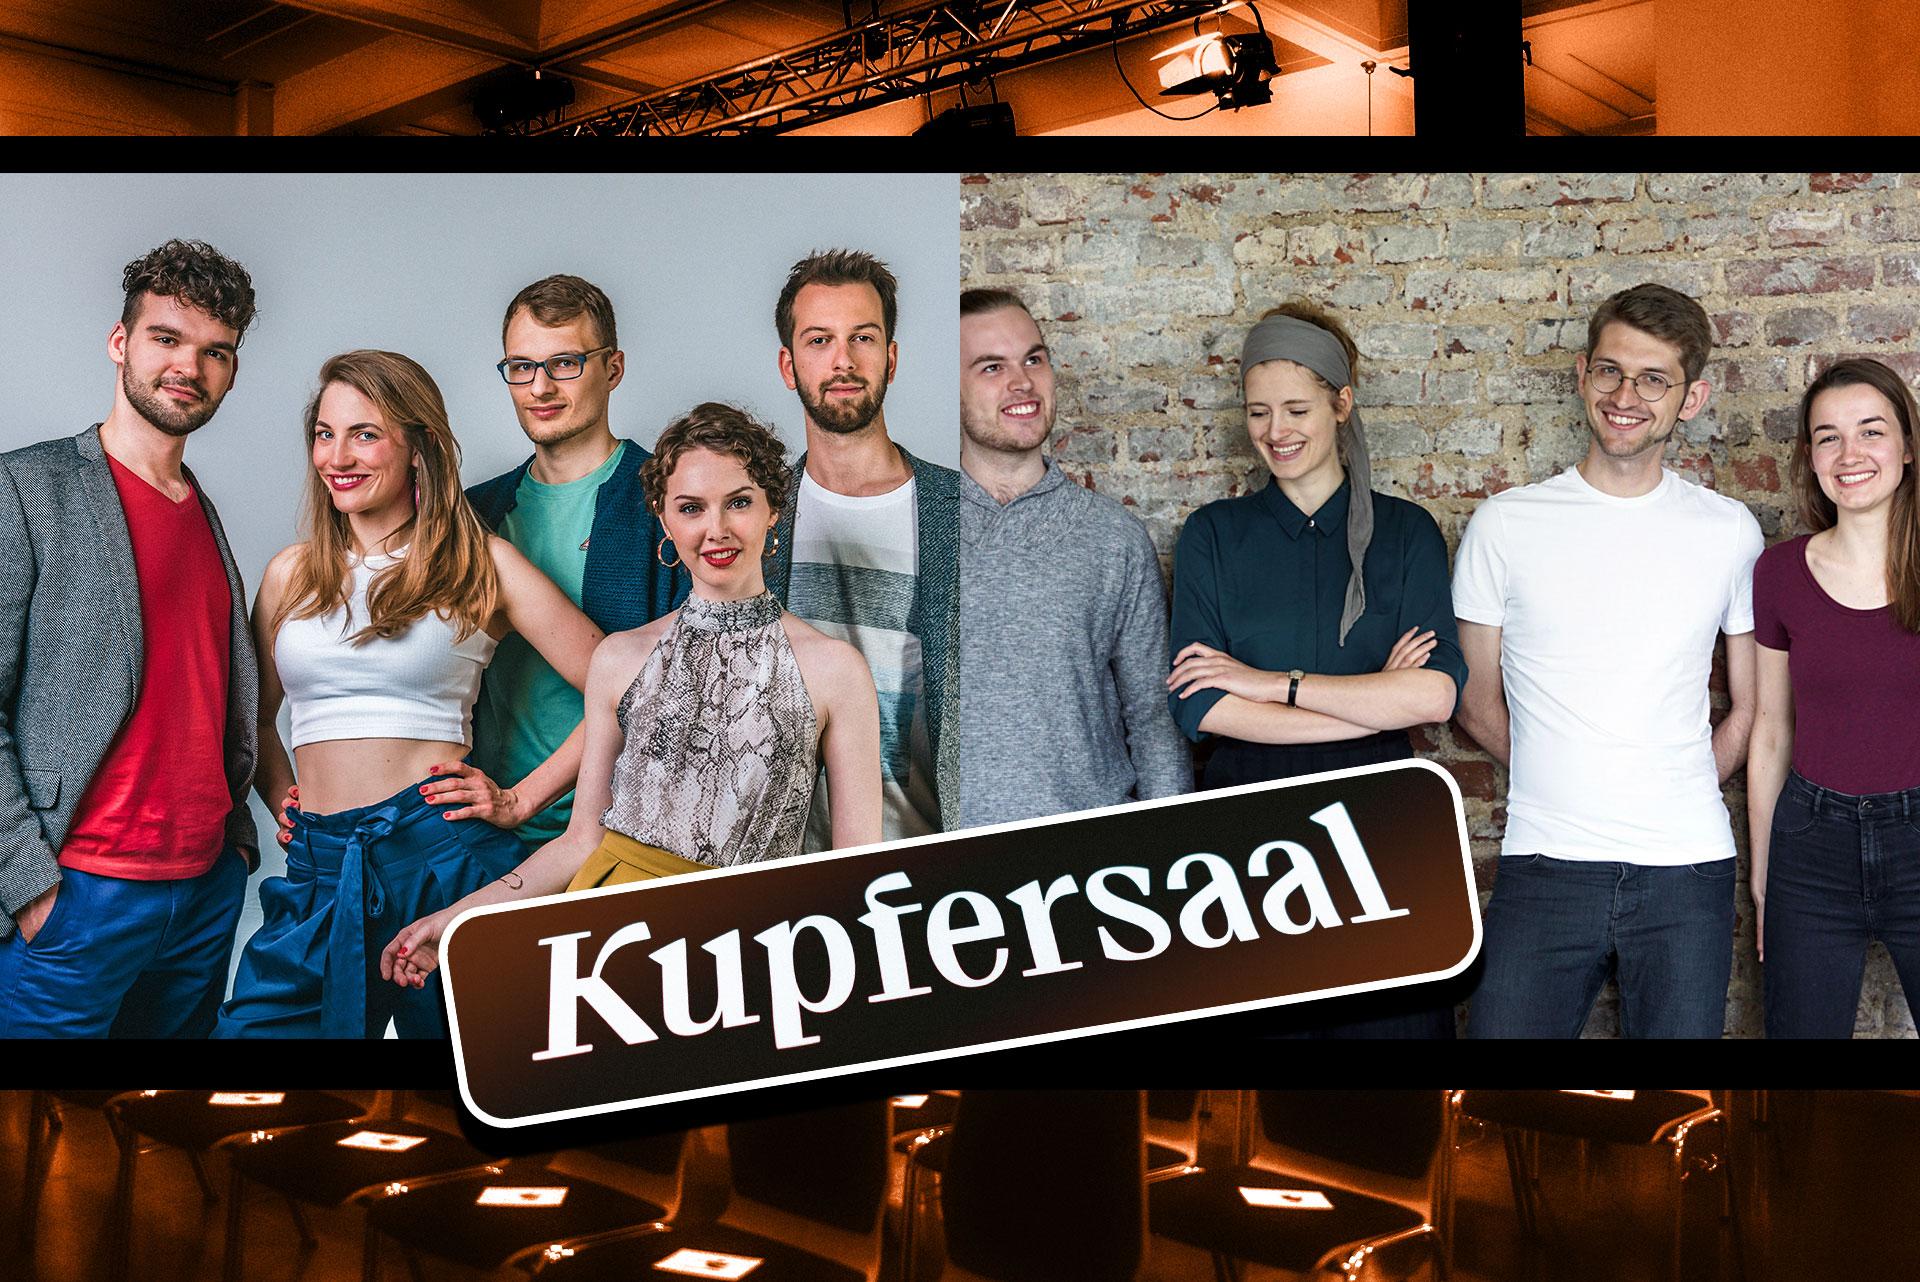 Doppelkonzert - Kupfersaal - Quintense - baff! - 2020